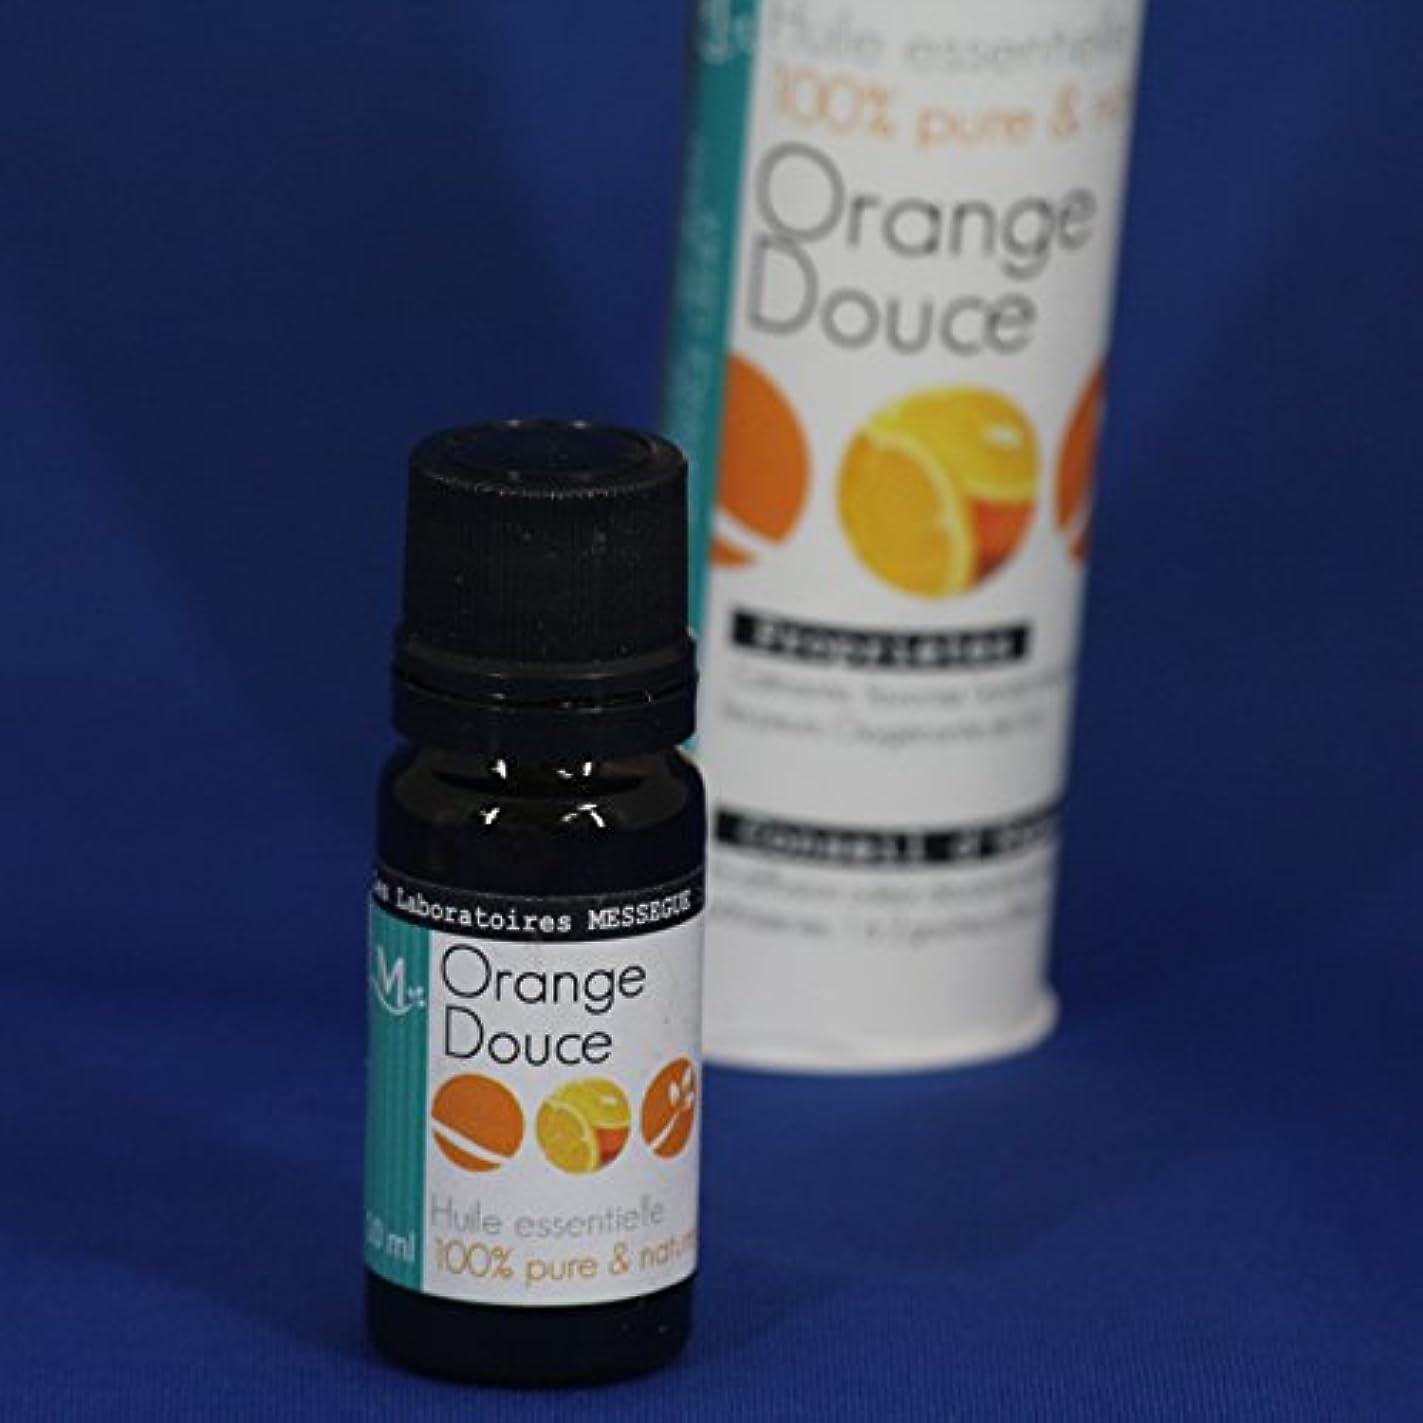 今チラチラする検索エンジン最適化Labaratoires MESSEGUE Huile essentieiie  100%pure&naturelle OrangeDouce モーリスメセゲ エッセンシャルオイル オレンジスイート